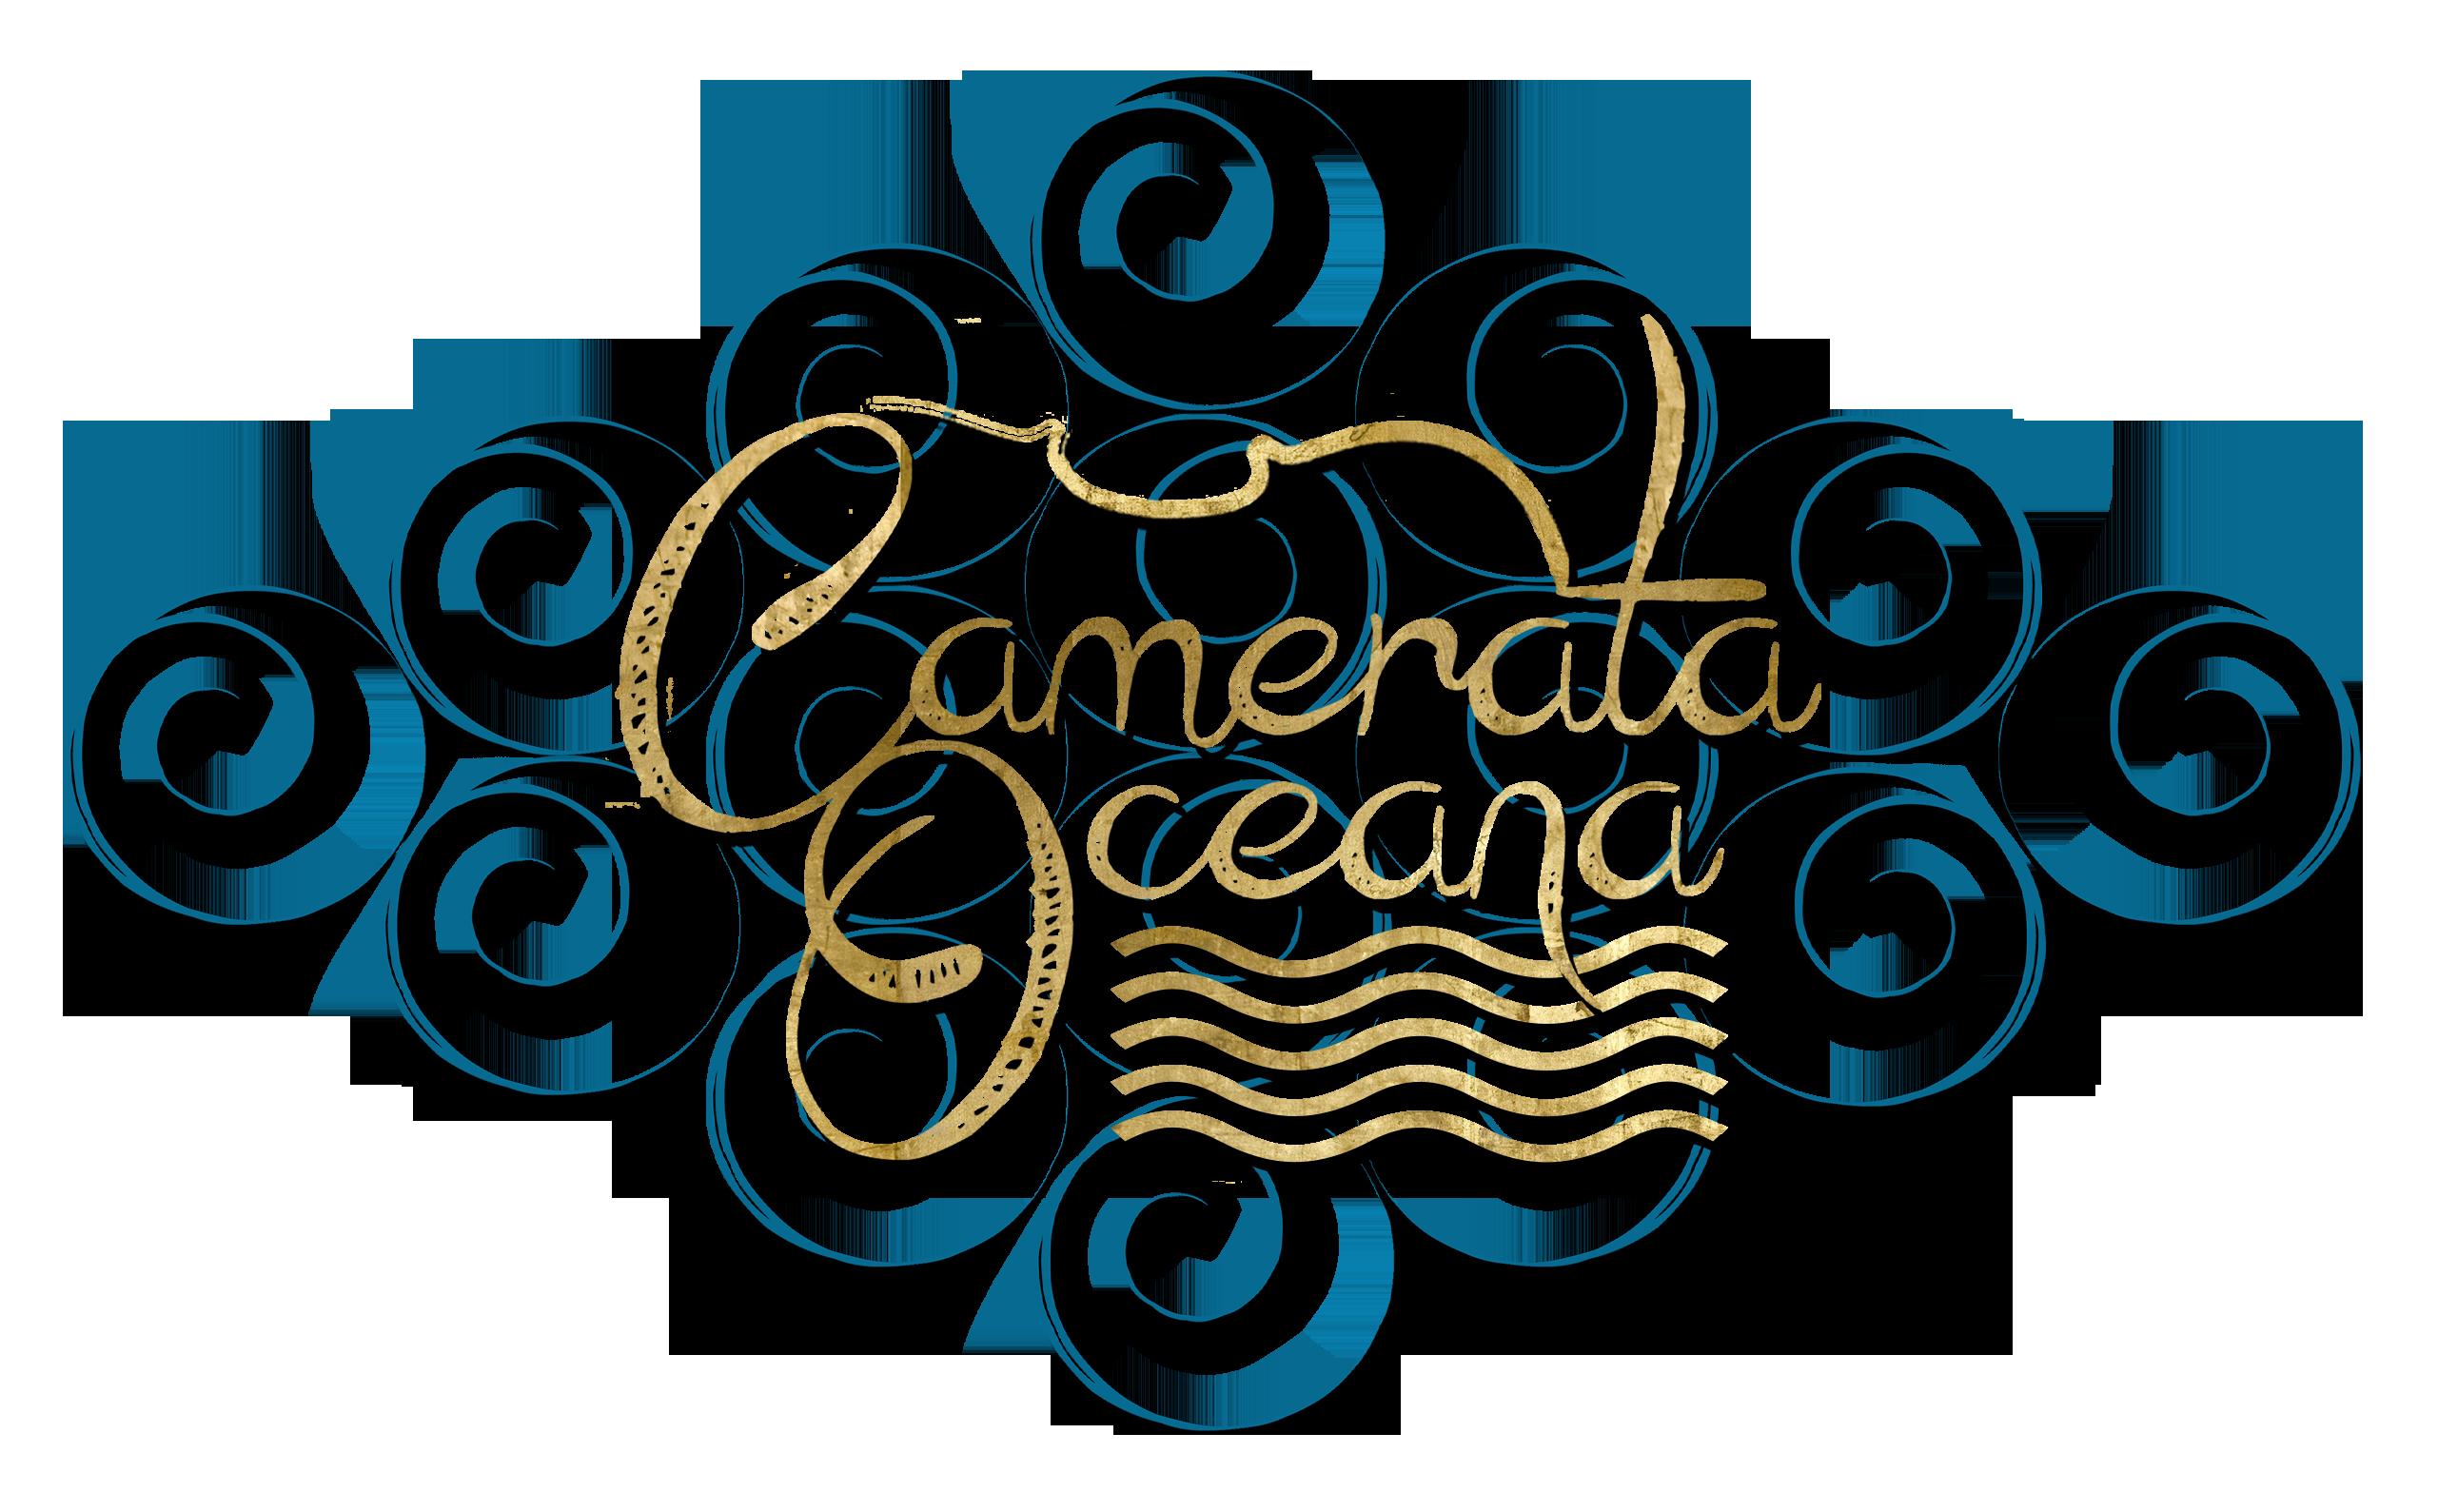 camerata oceana waves logo